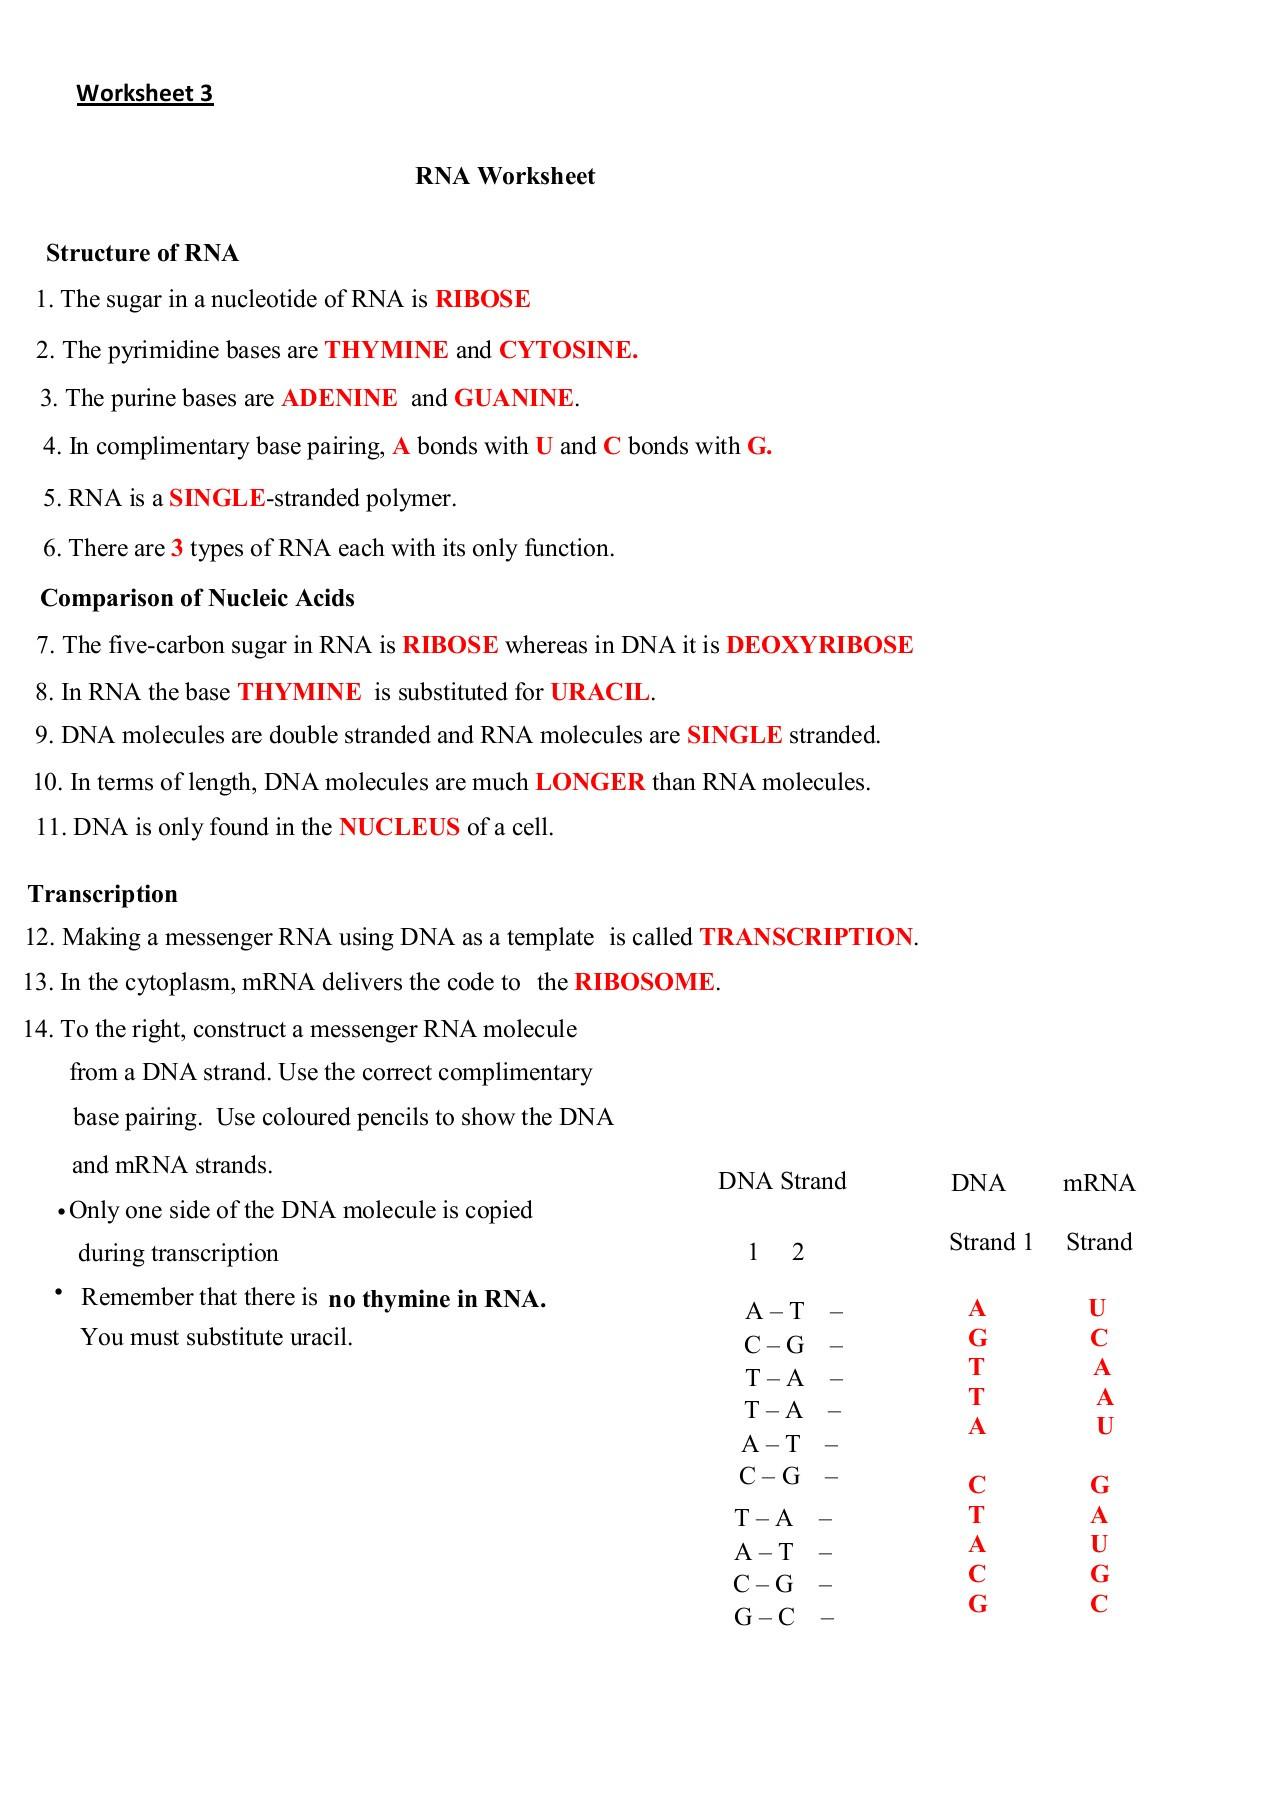 Dna and Rna Worksheet Rna Worksheet Ribose Thymine Cytosine Adenine Guanine A U